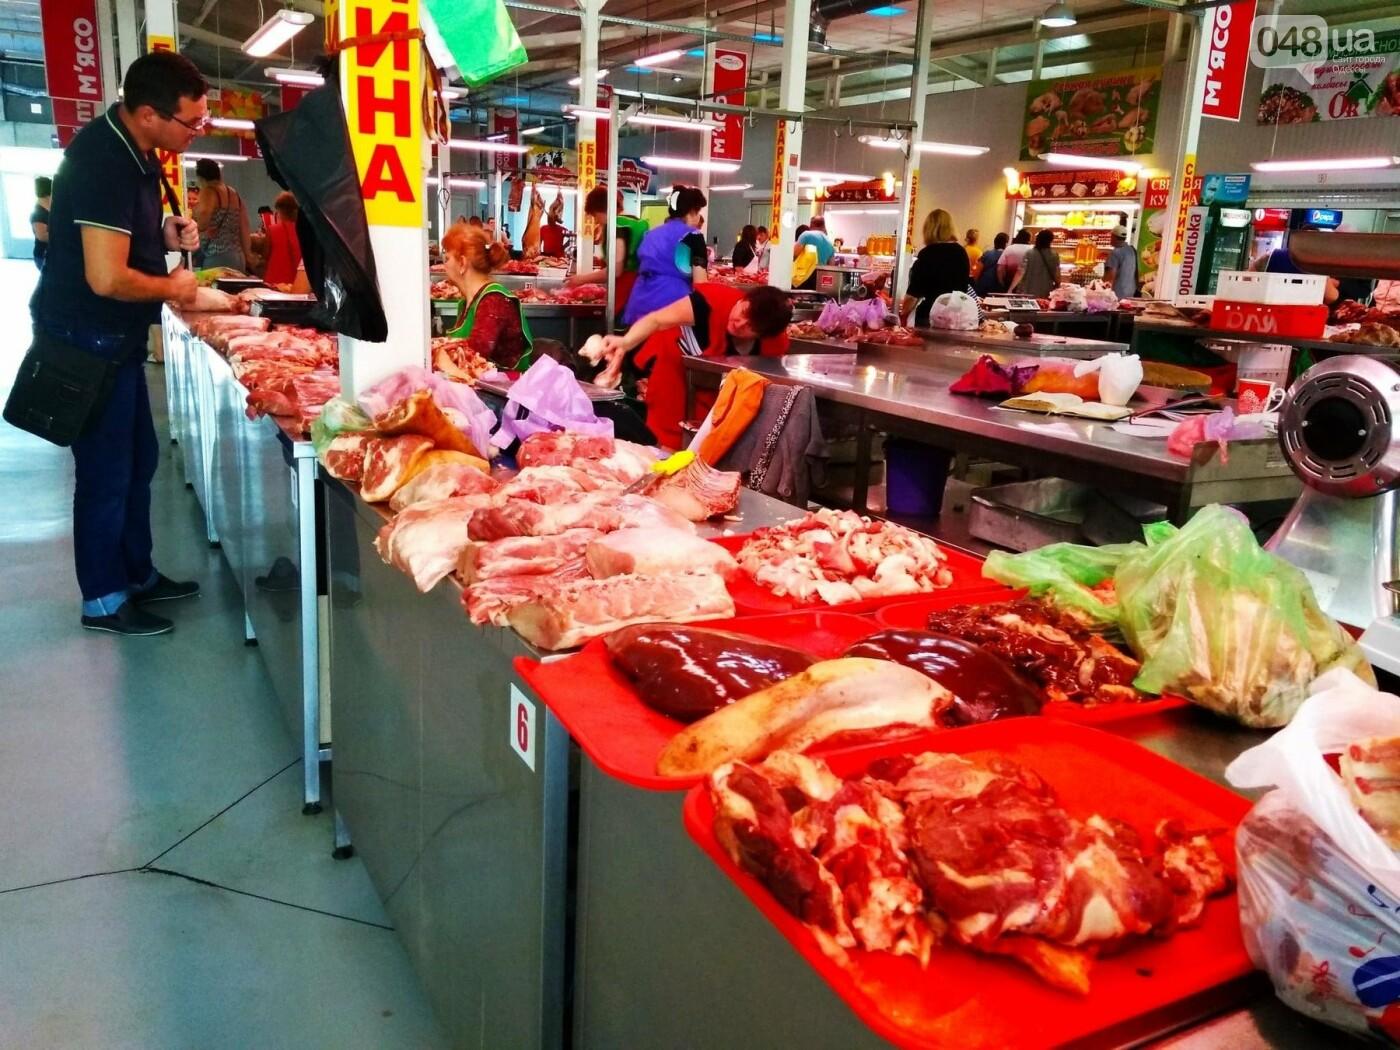 Ищем, где дешевле в Одессе: обзор цен на продукты на рынках Котовского, - ФОТО, ИНФОГРАФИКА, фото-12